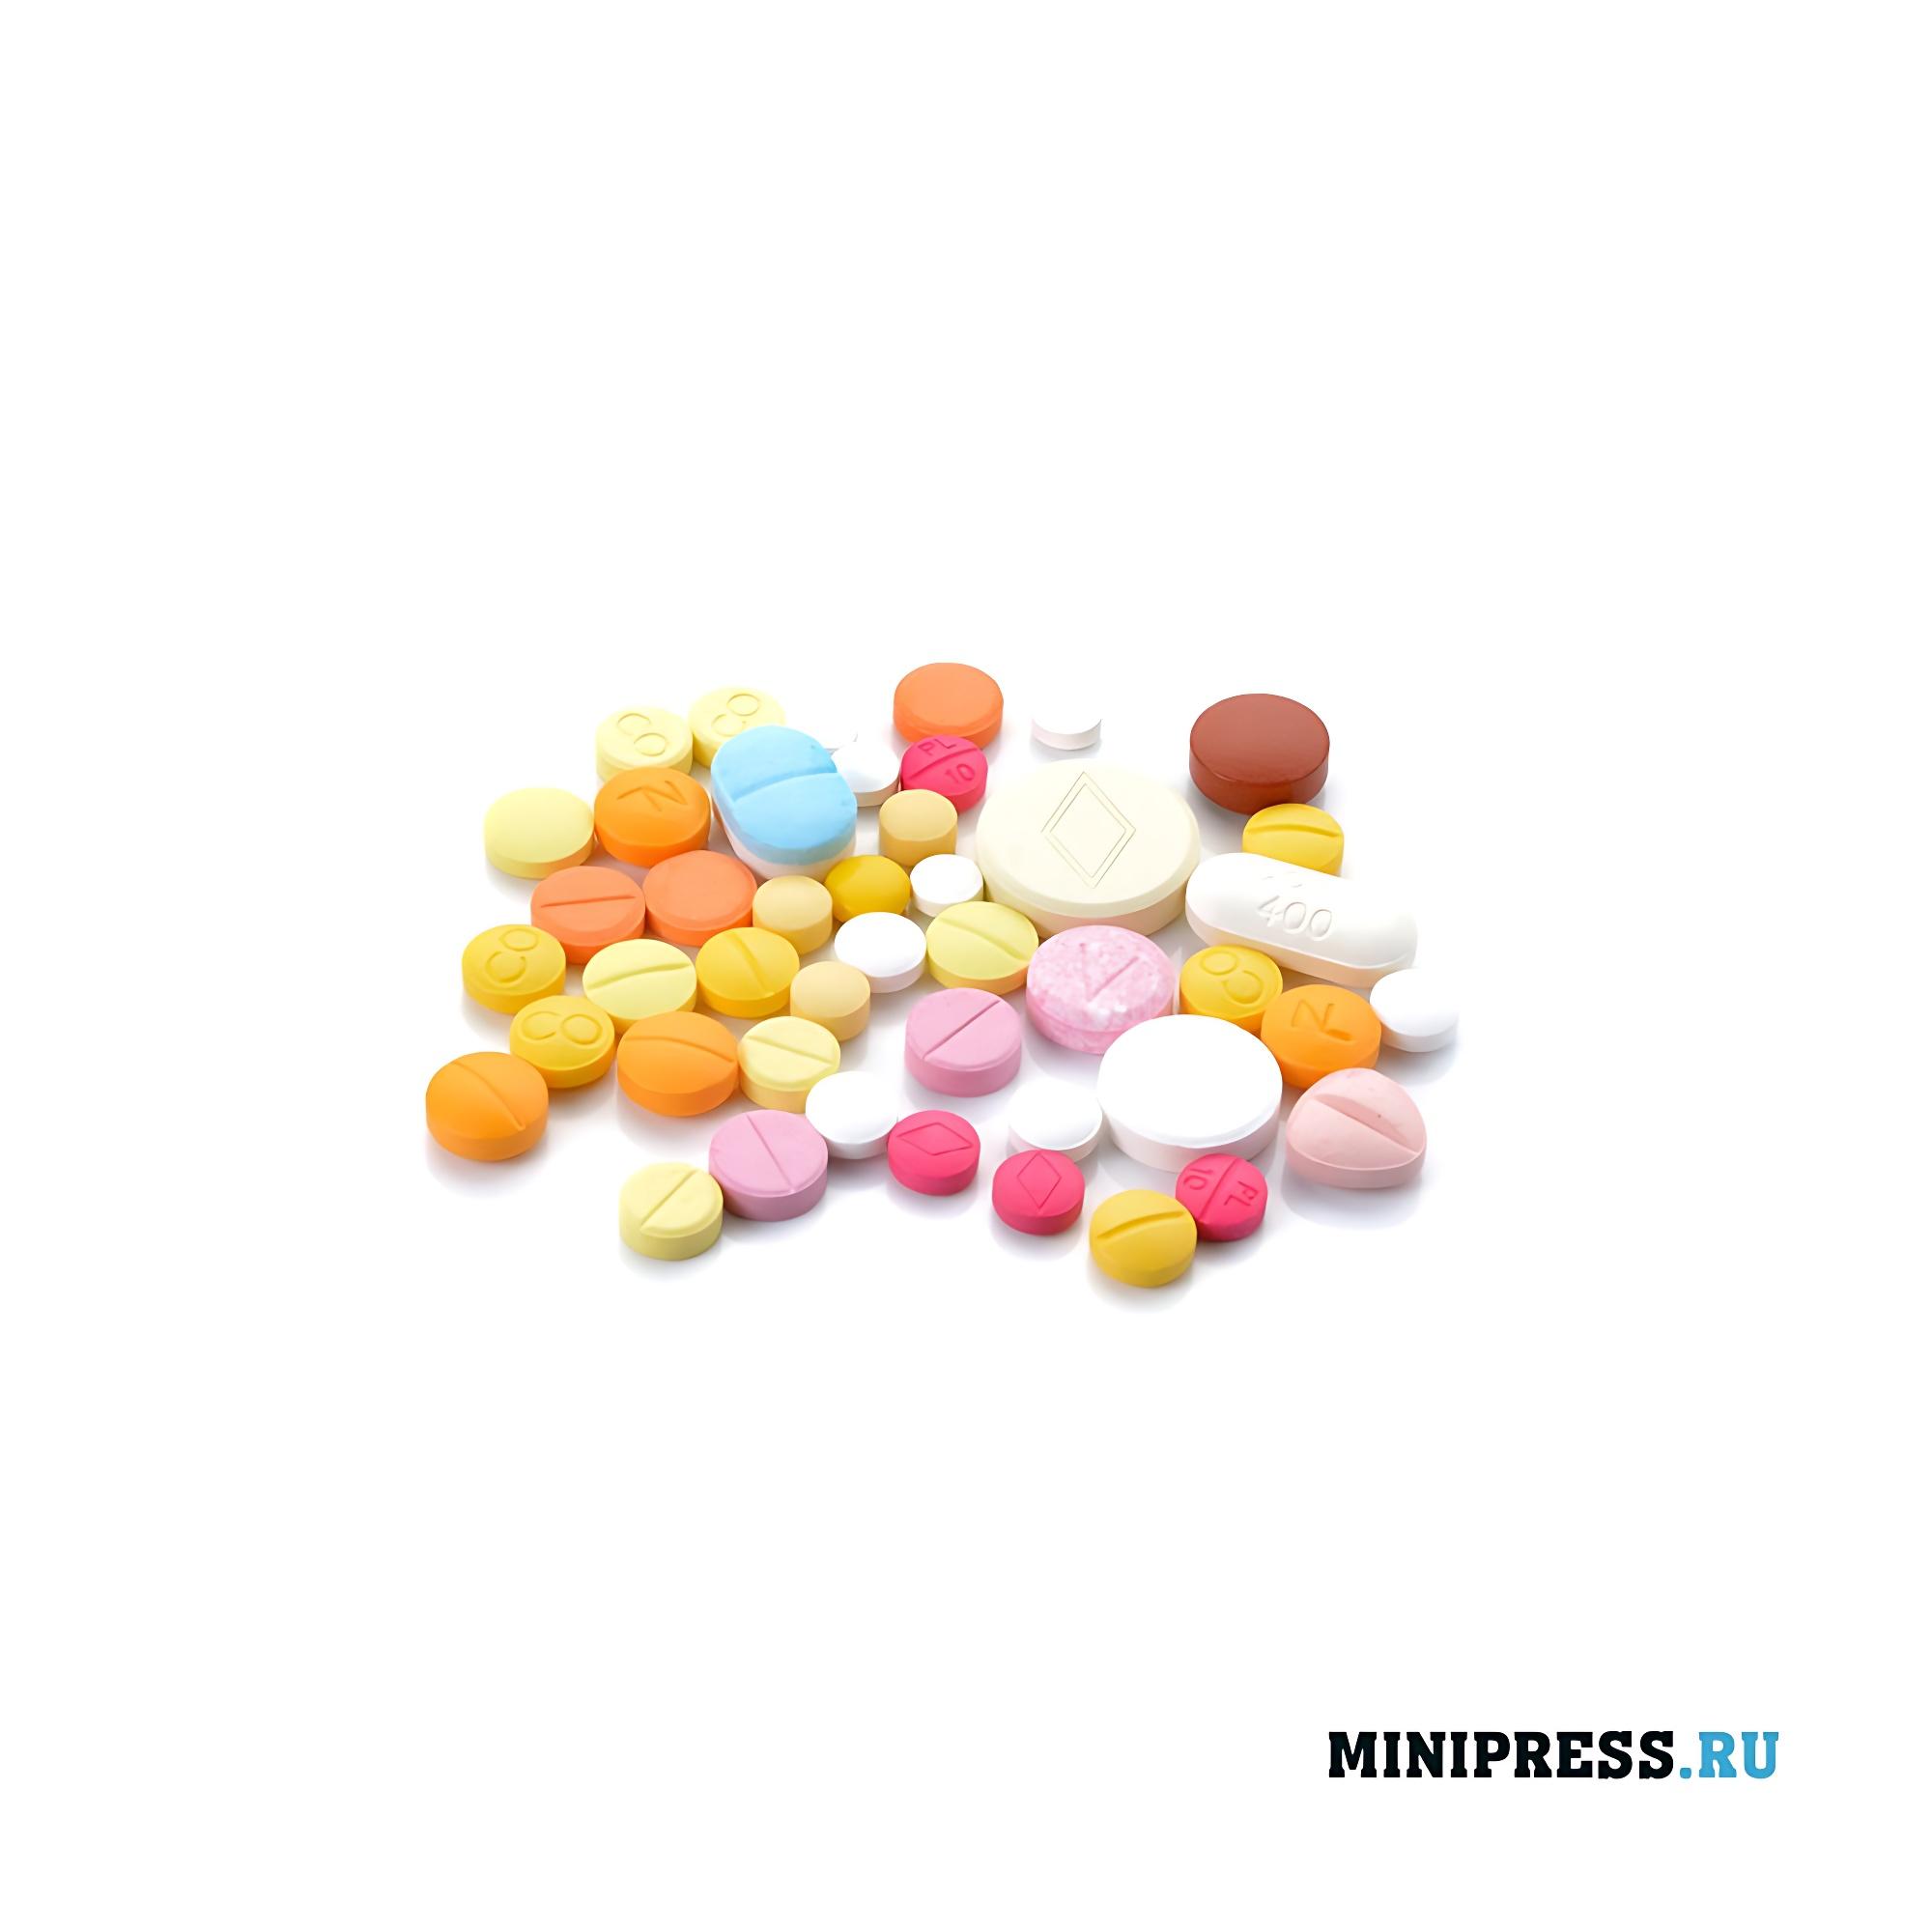 Прессованные таблетки с двух сторон